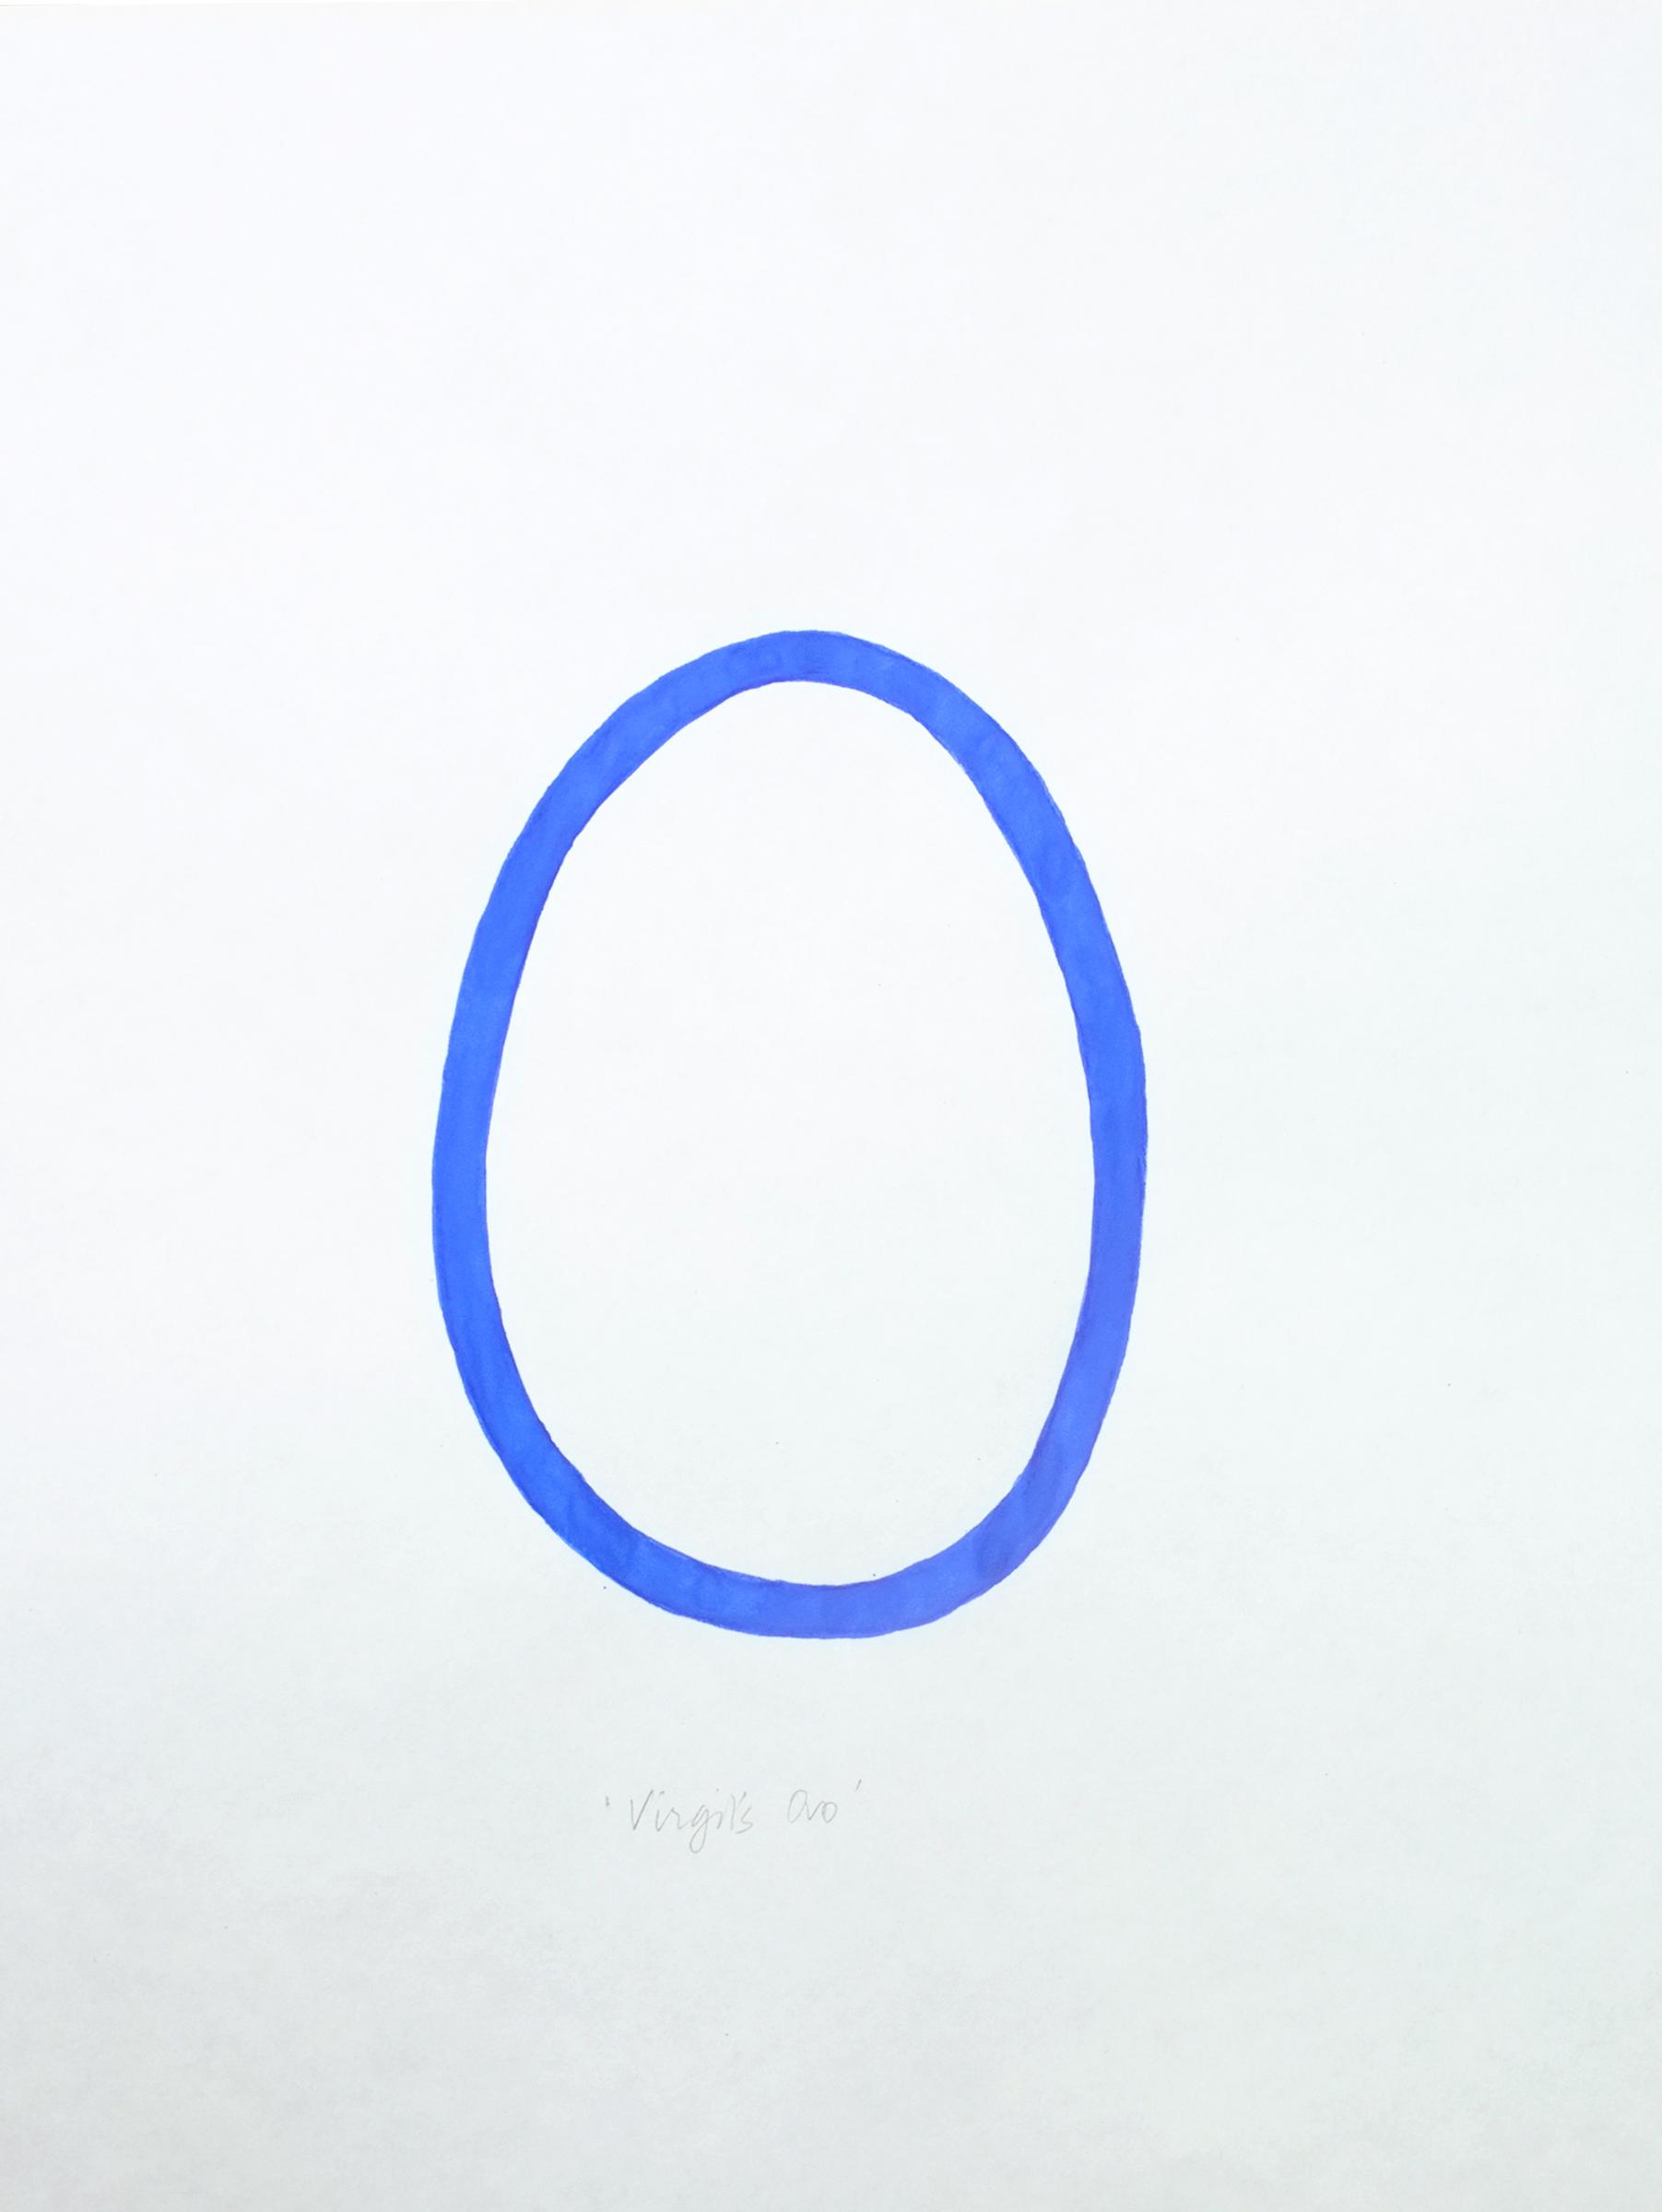 """""""Napoli Virgil's ovo"""" 2013, inchiostro su carta, 28 x 21 cm"""